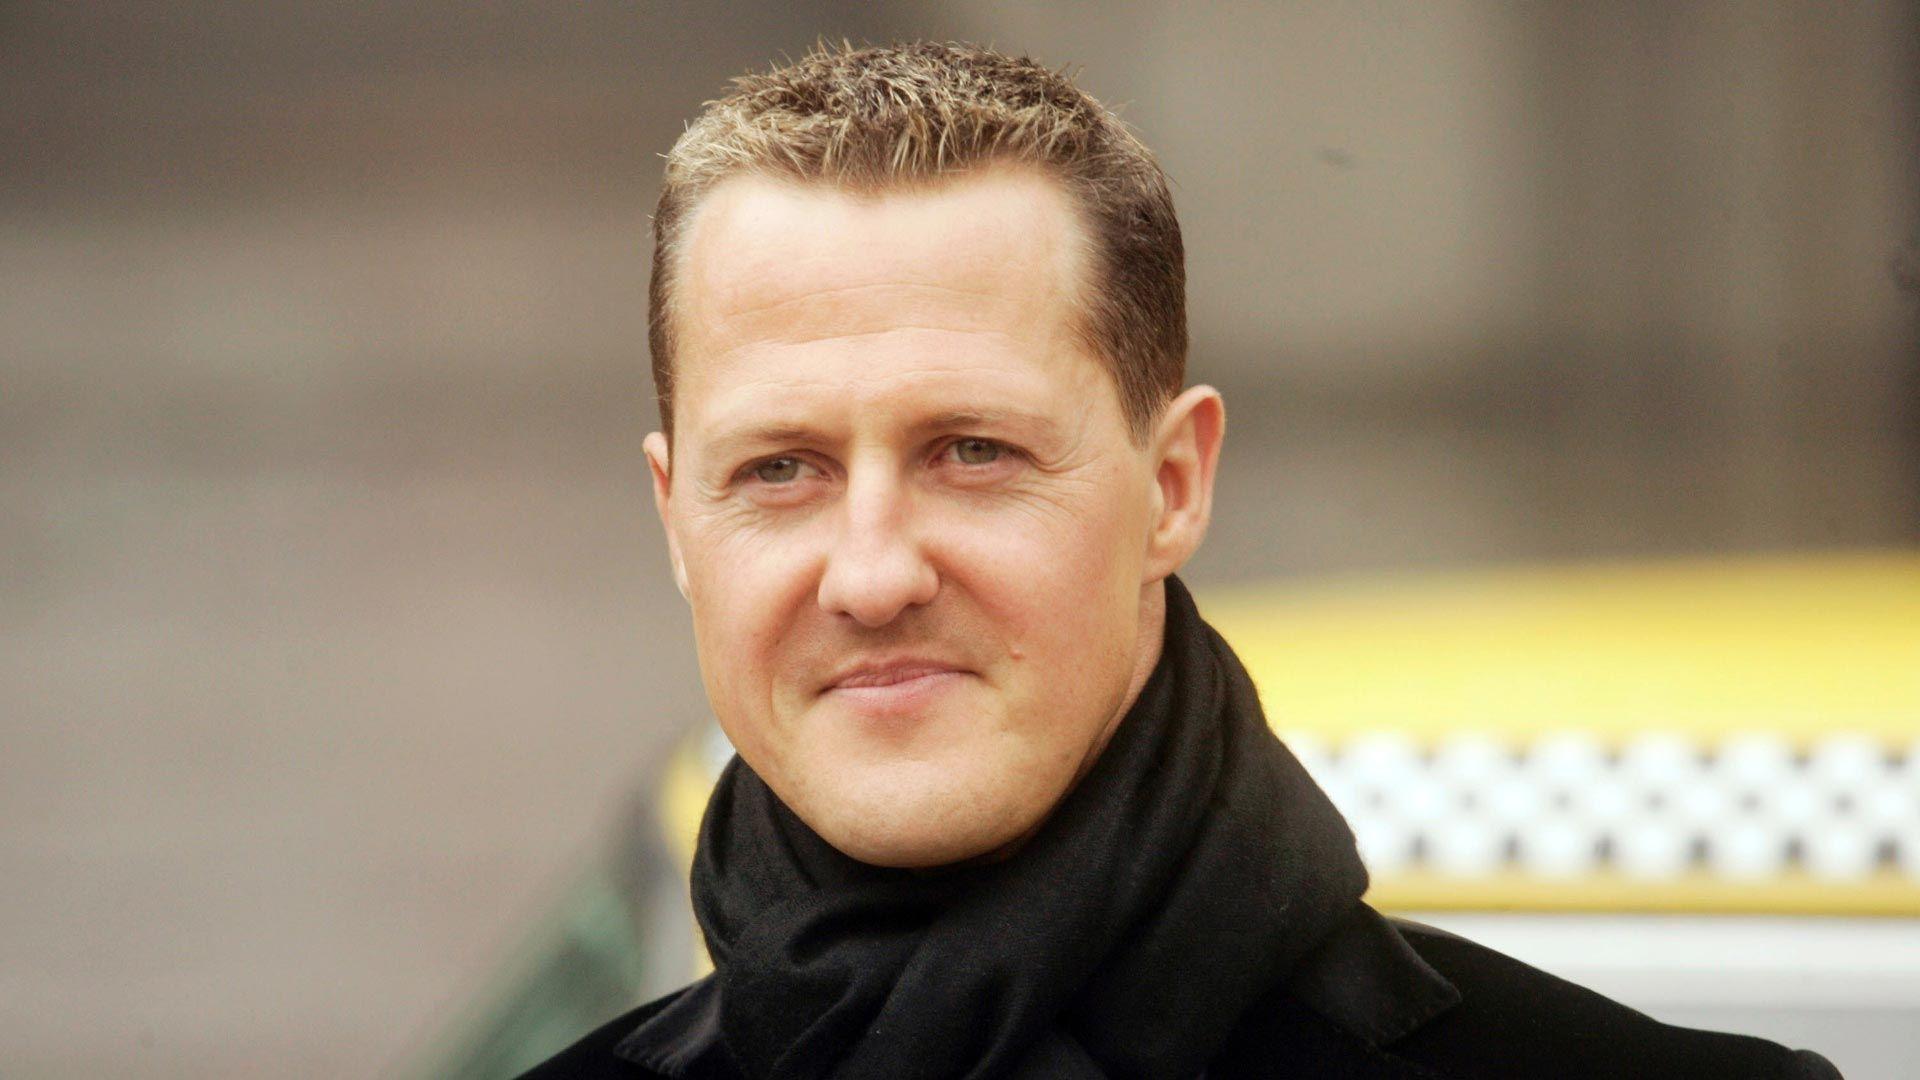 Michael Schumacher Aktueller Gesundheitszustand